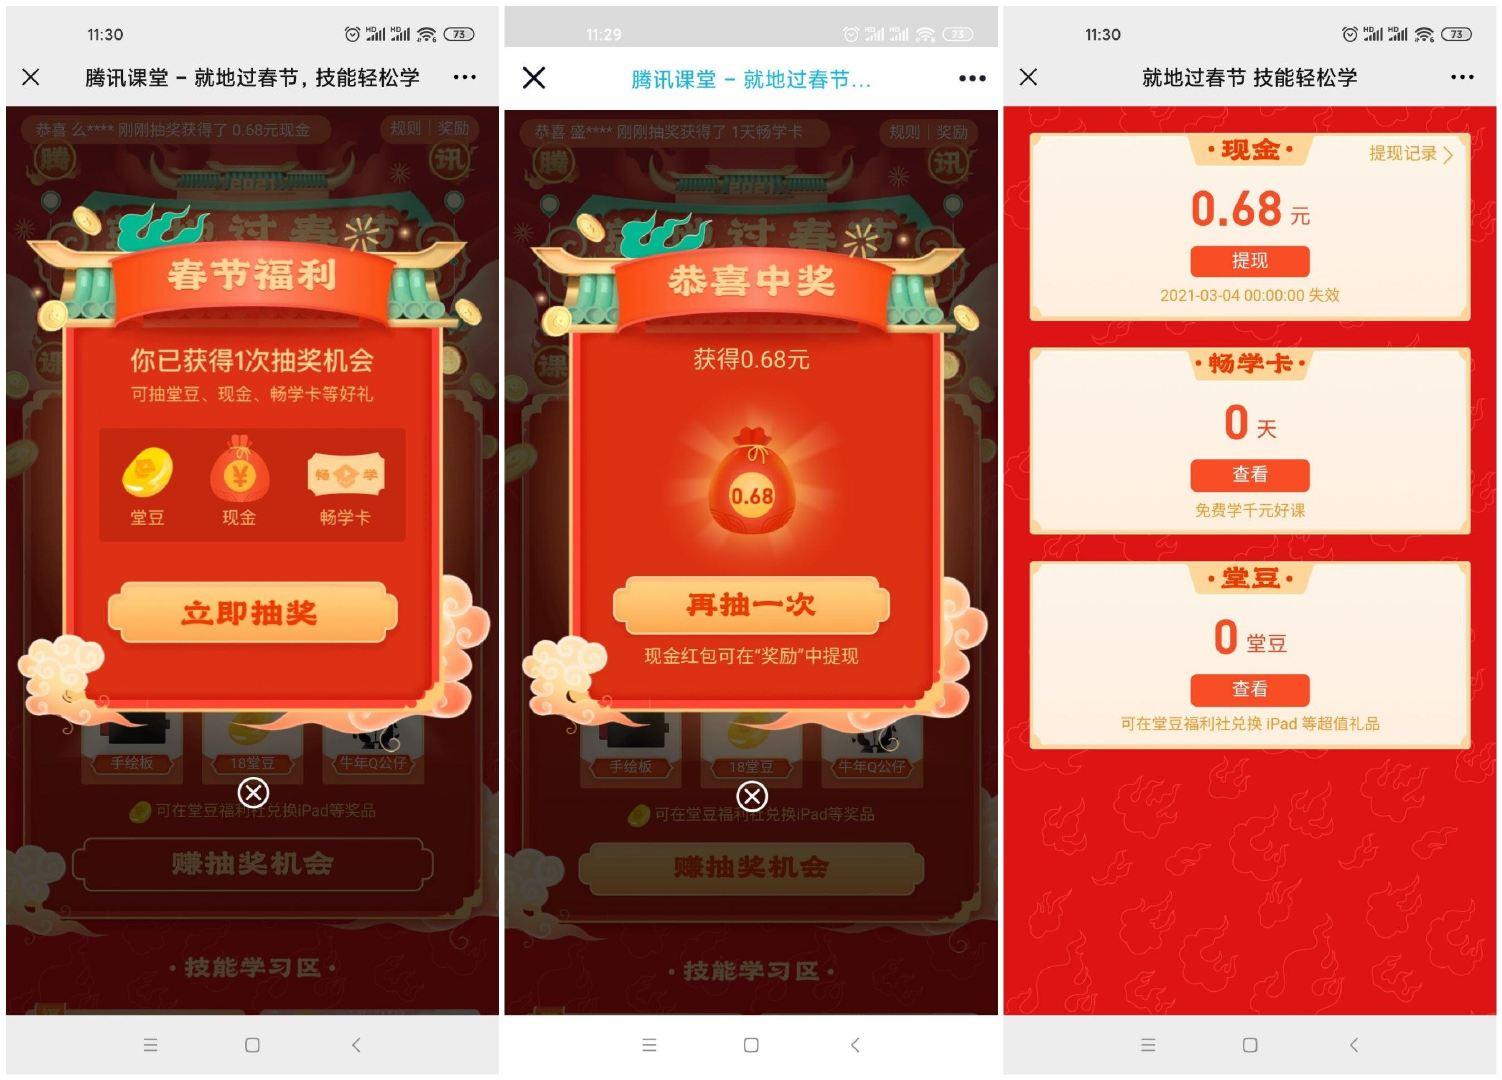 腾讯课堂春节抽0.68元红包插图1